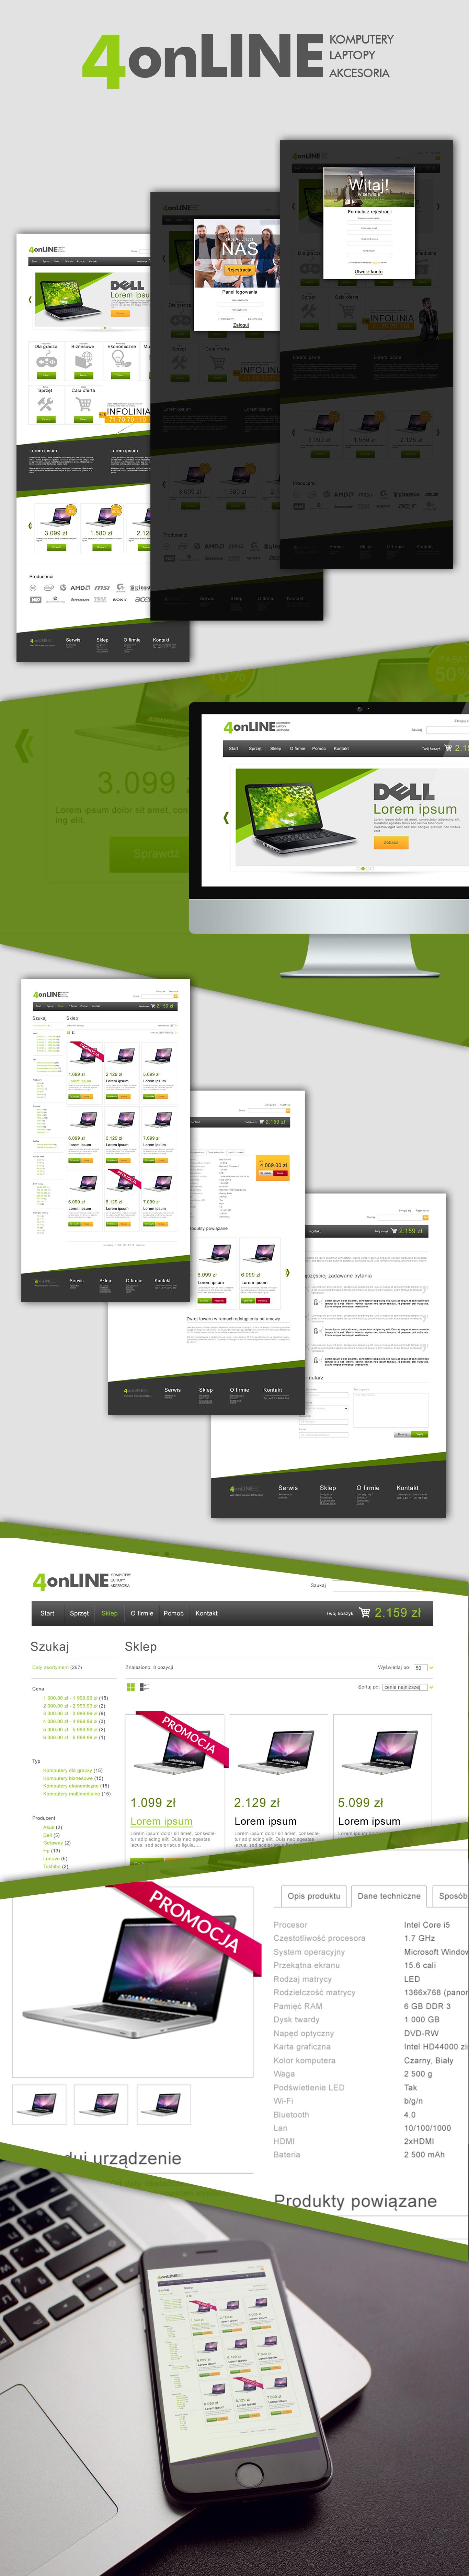 Prezentacja layoutu internetowego sklepu komputerowego